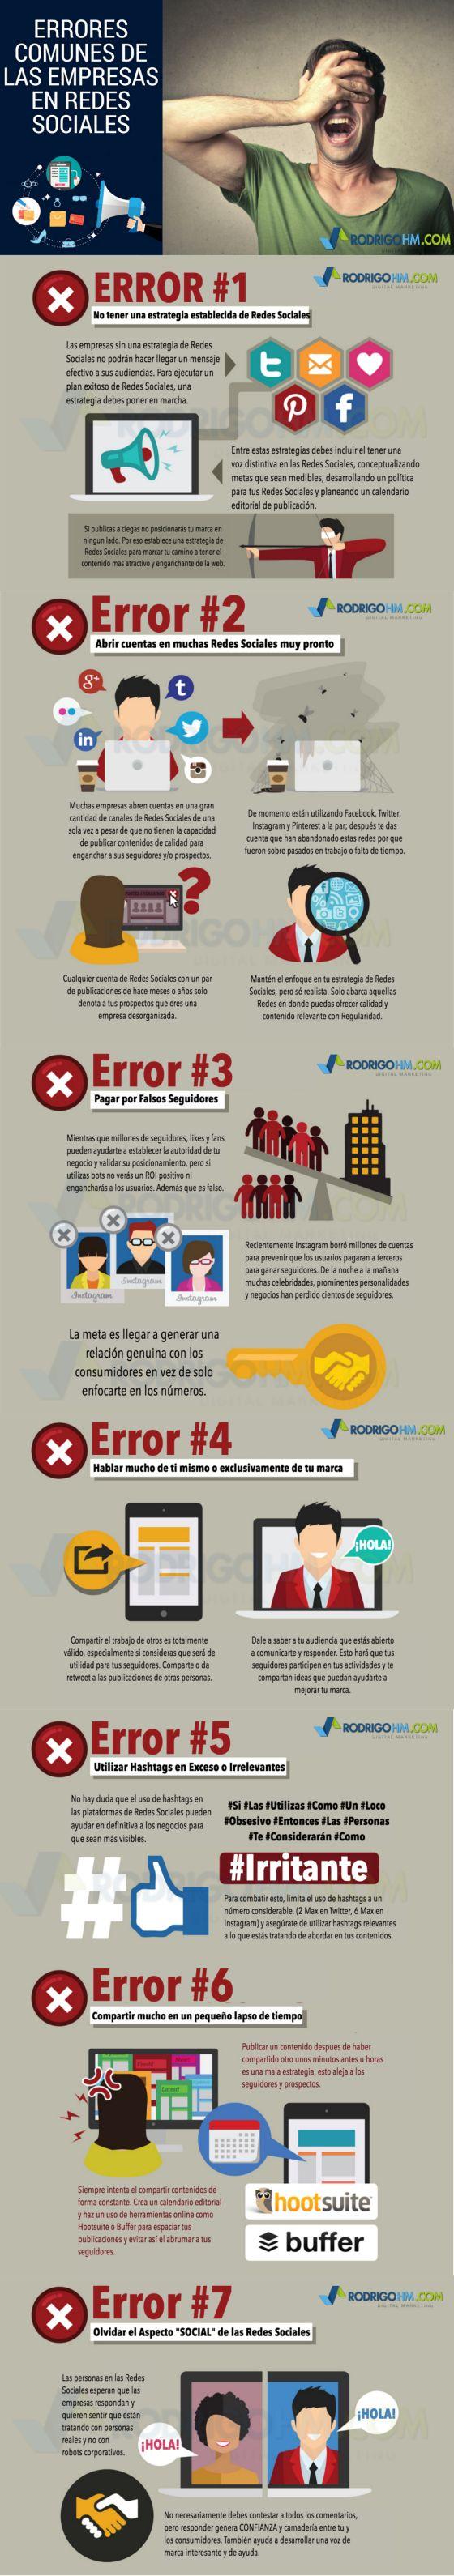 Errores de las Empresas en las Redes Sociales